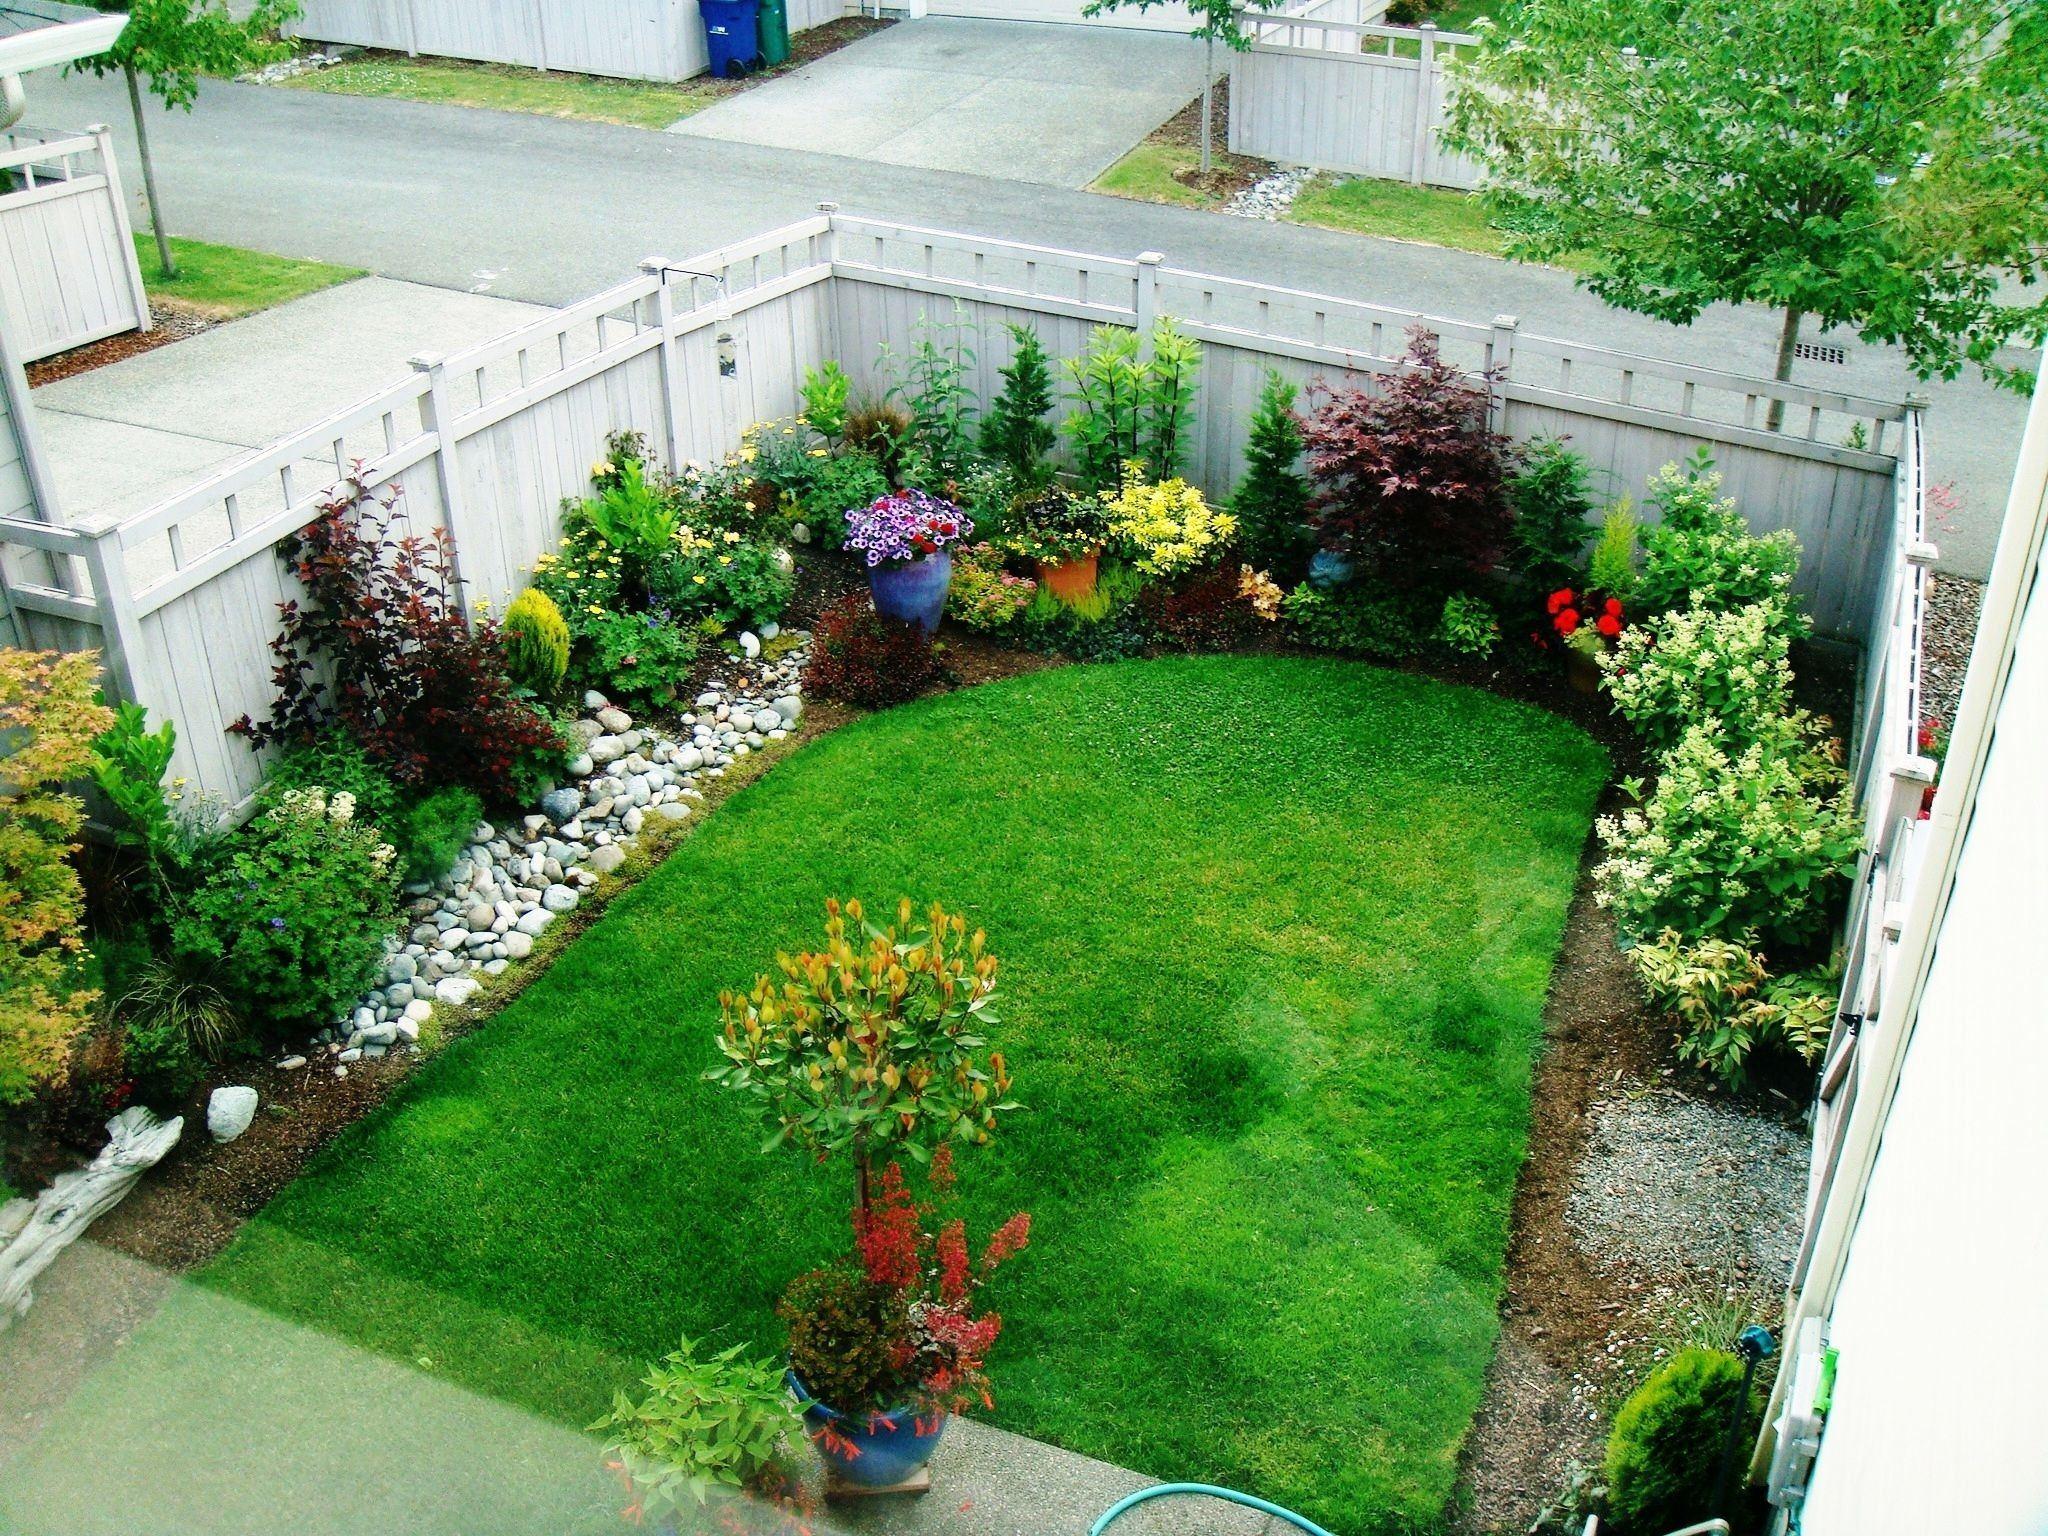 Simple-small-home-garden-design-ideas-8-2048x1536